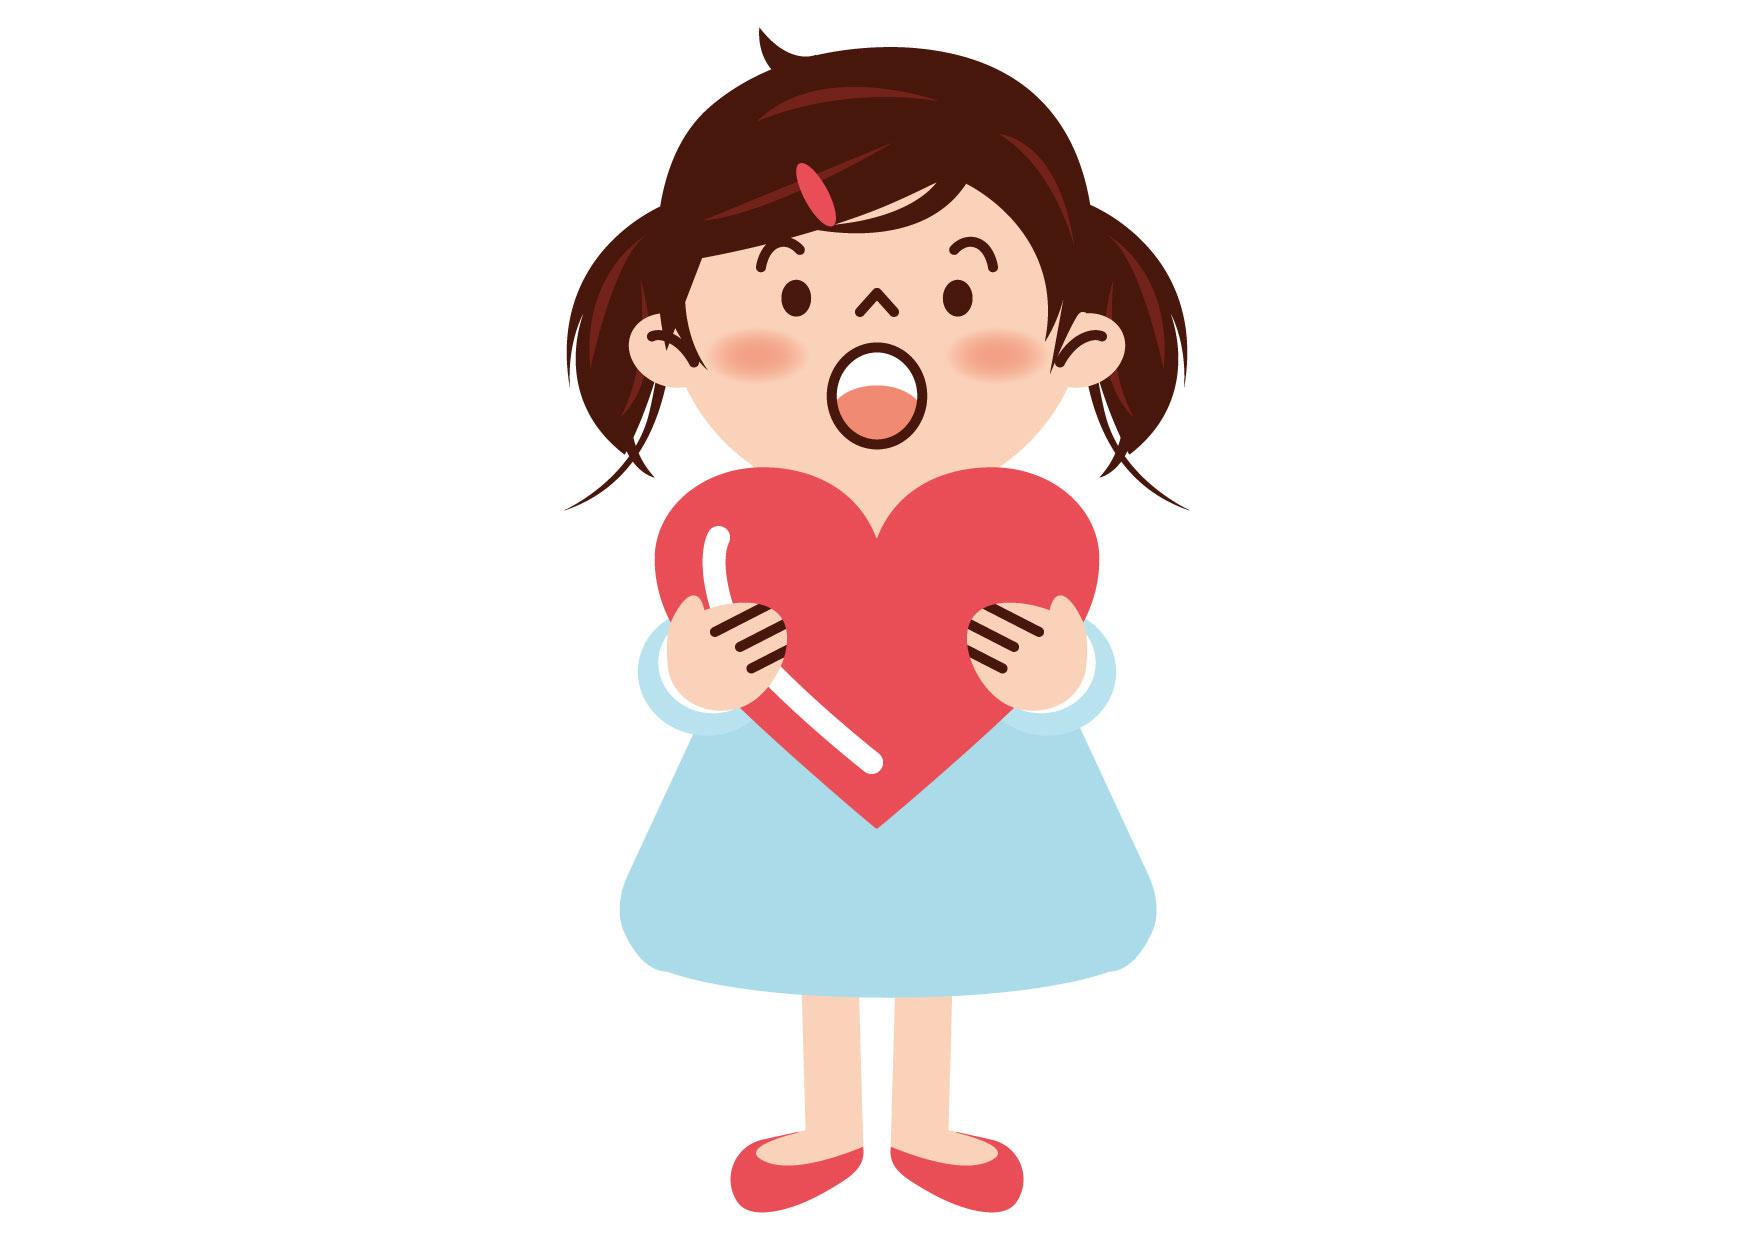 可愛いイラスト無料|女の子 ハート − free illustration Girl heart